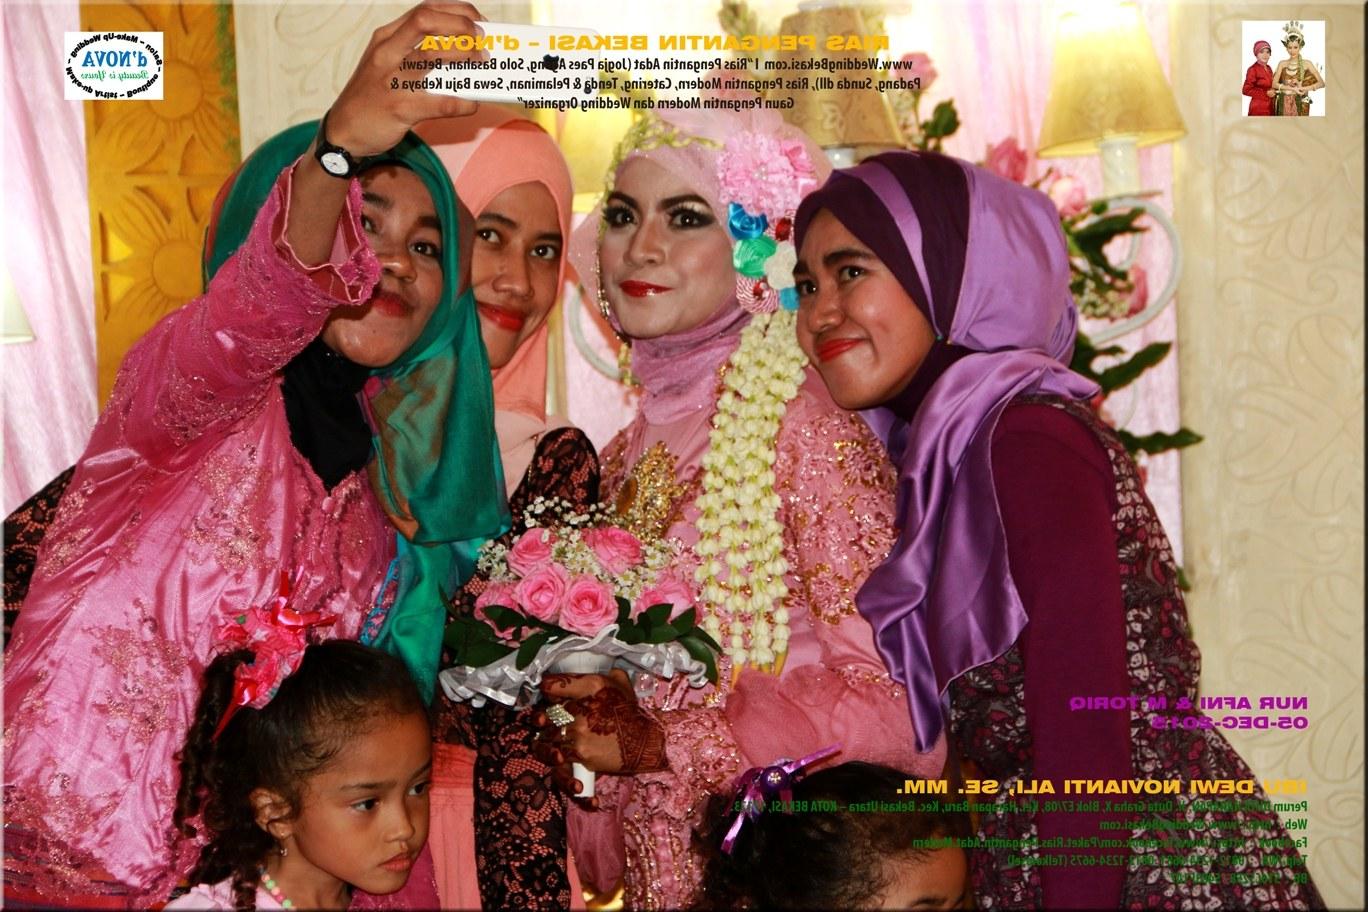 Bentuk Sewa Baju Pengantin Muslimah Bekasi H9d9 Kebaya Pengantin Pink Fanta Vkebaya